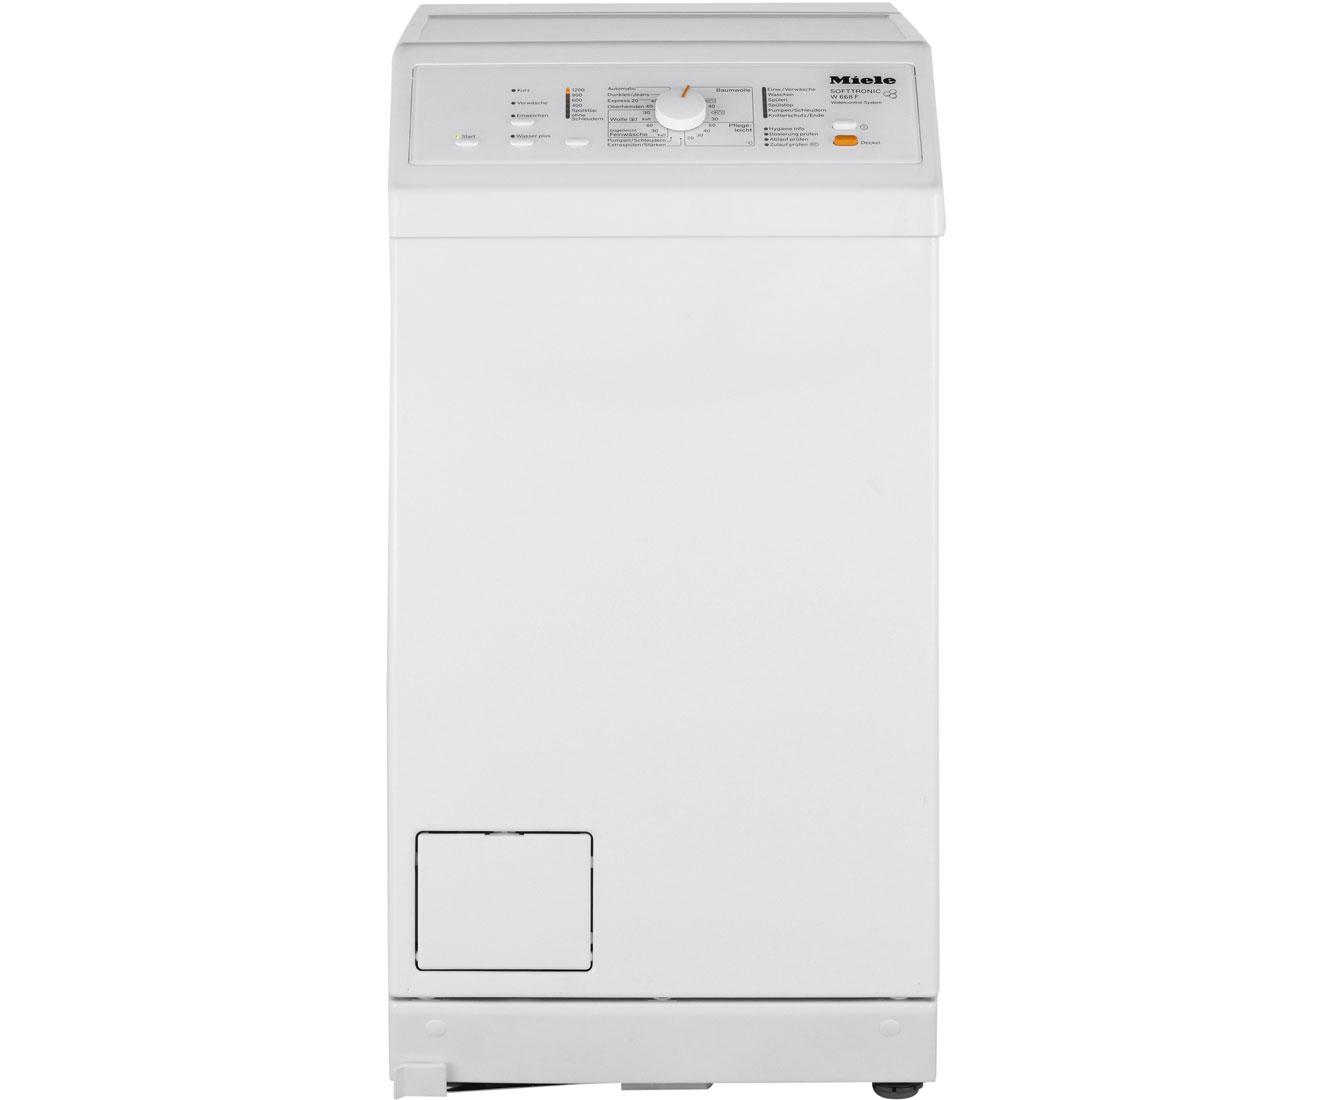 W 668 F WCS Waschmaschinen - Weiss